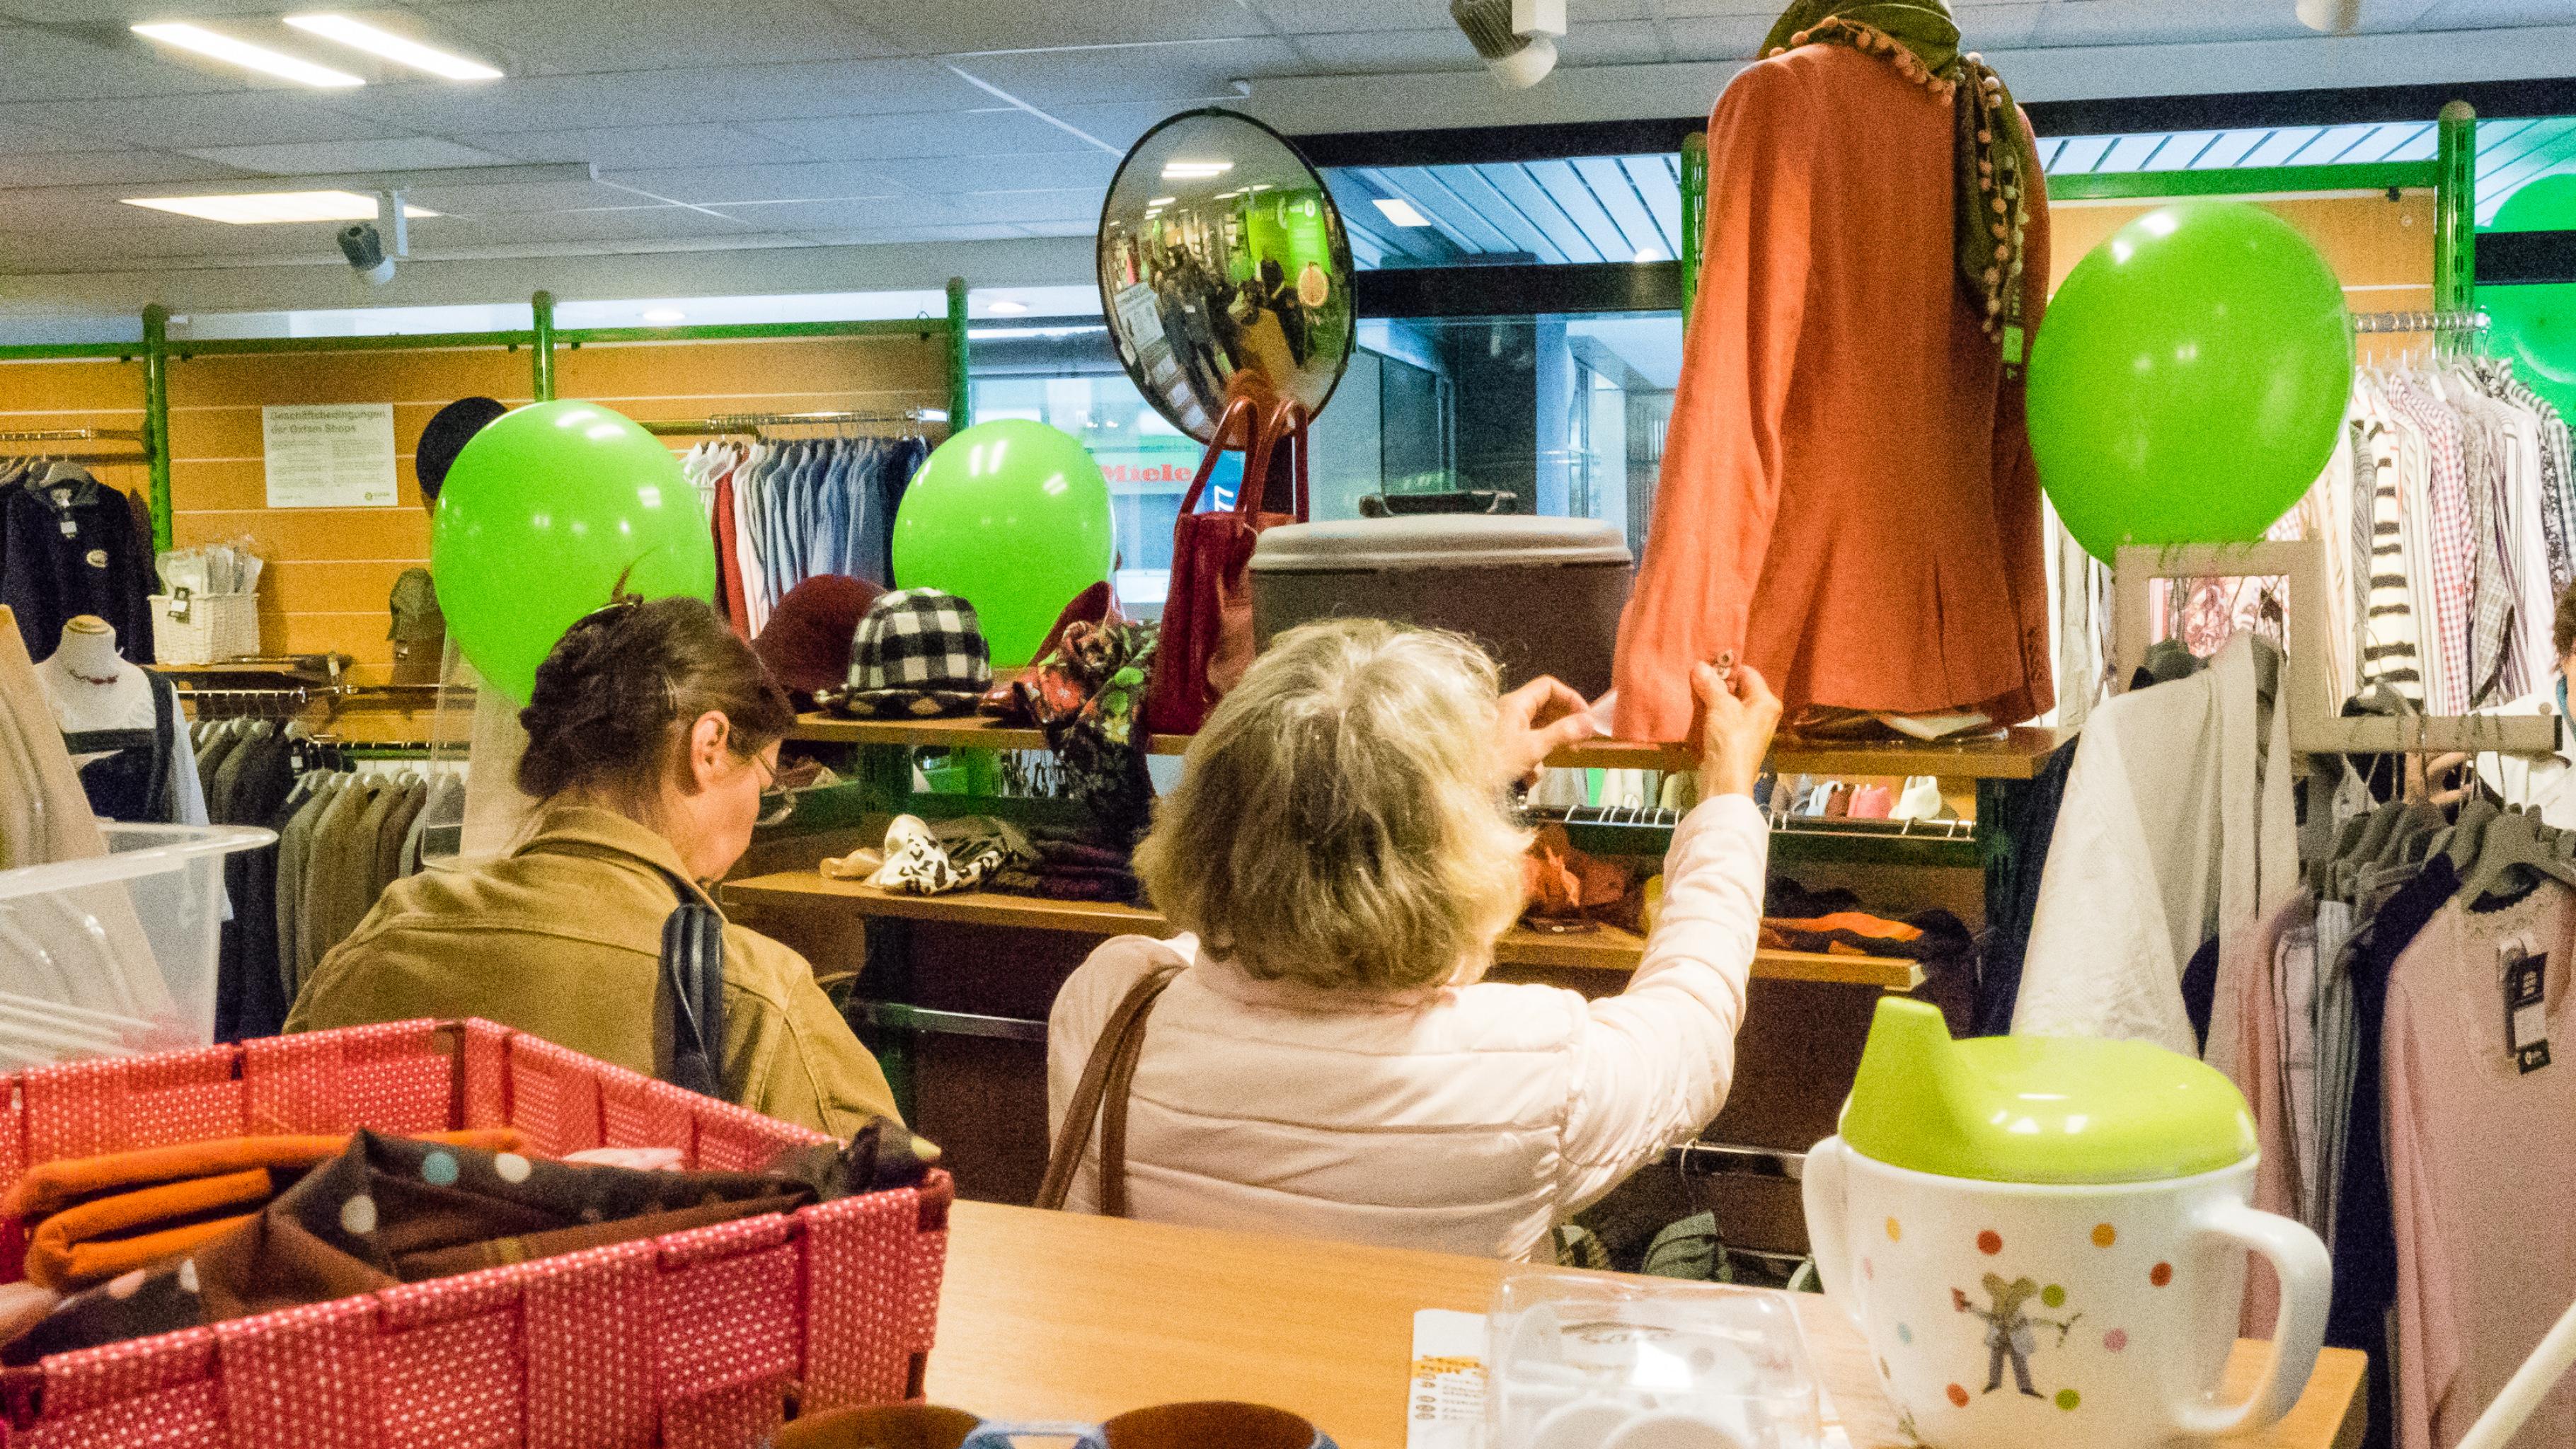 secondhand kaufen spenden in darmstadt oxfam shop